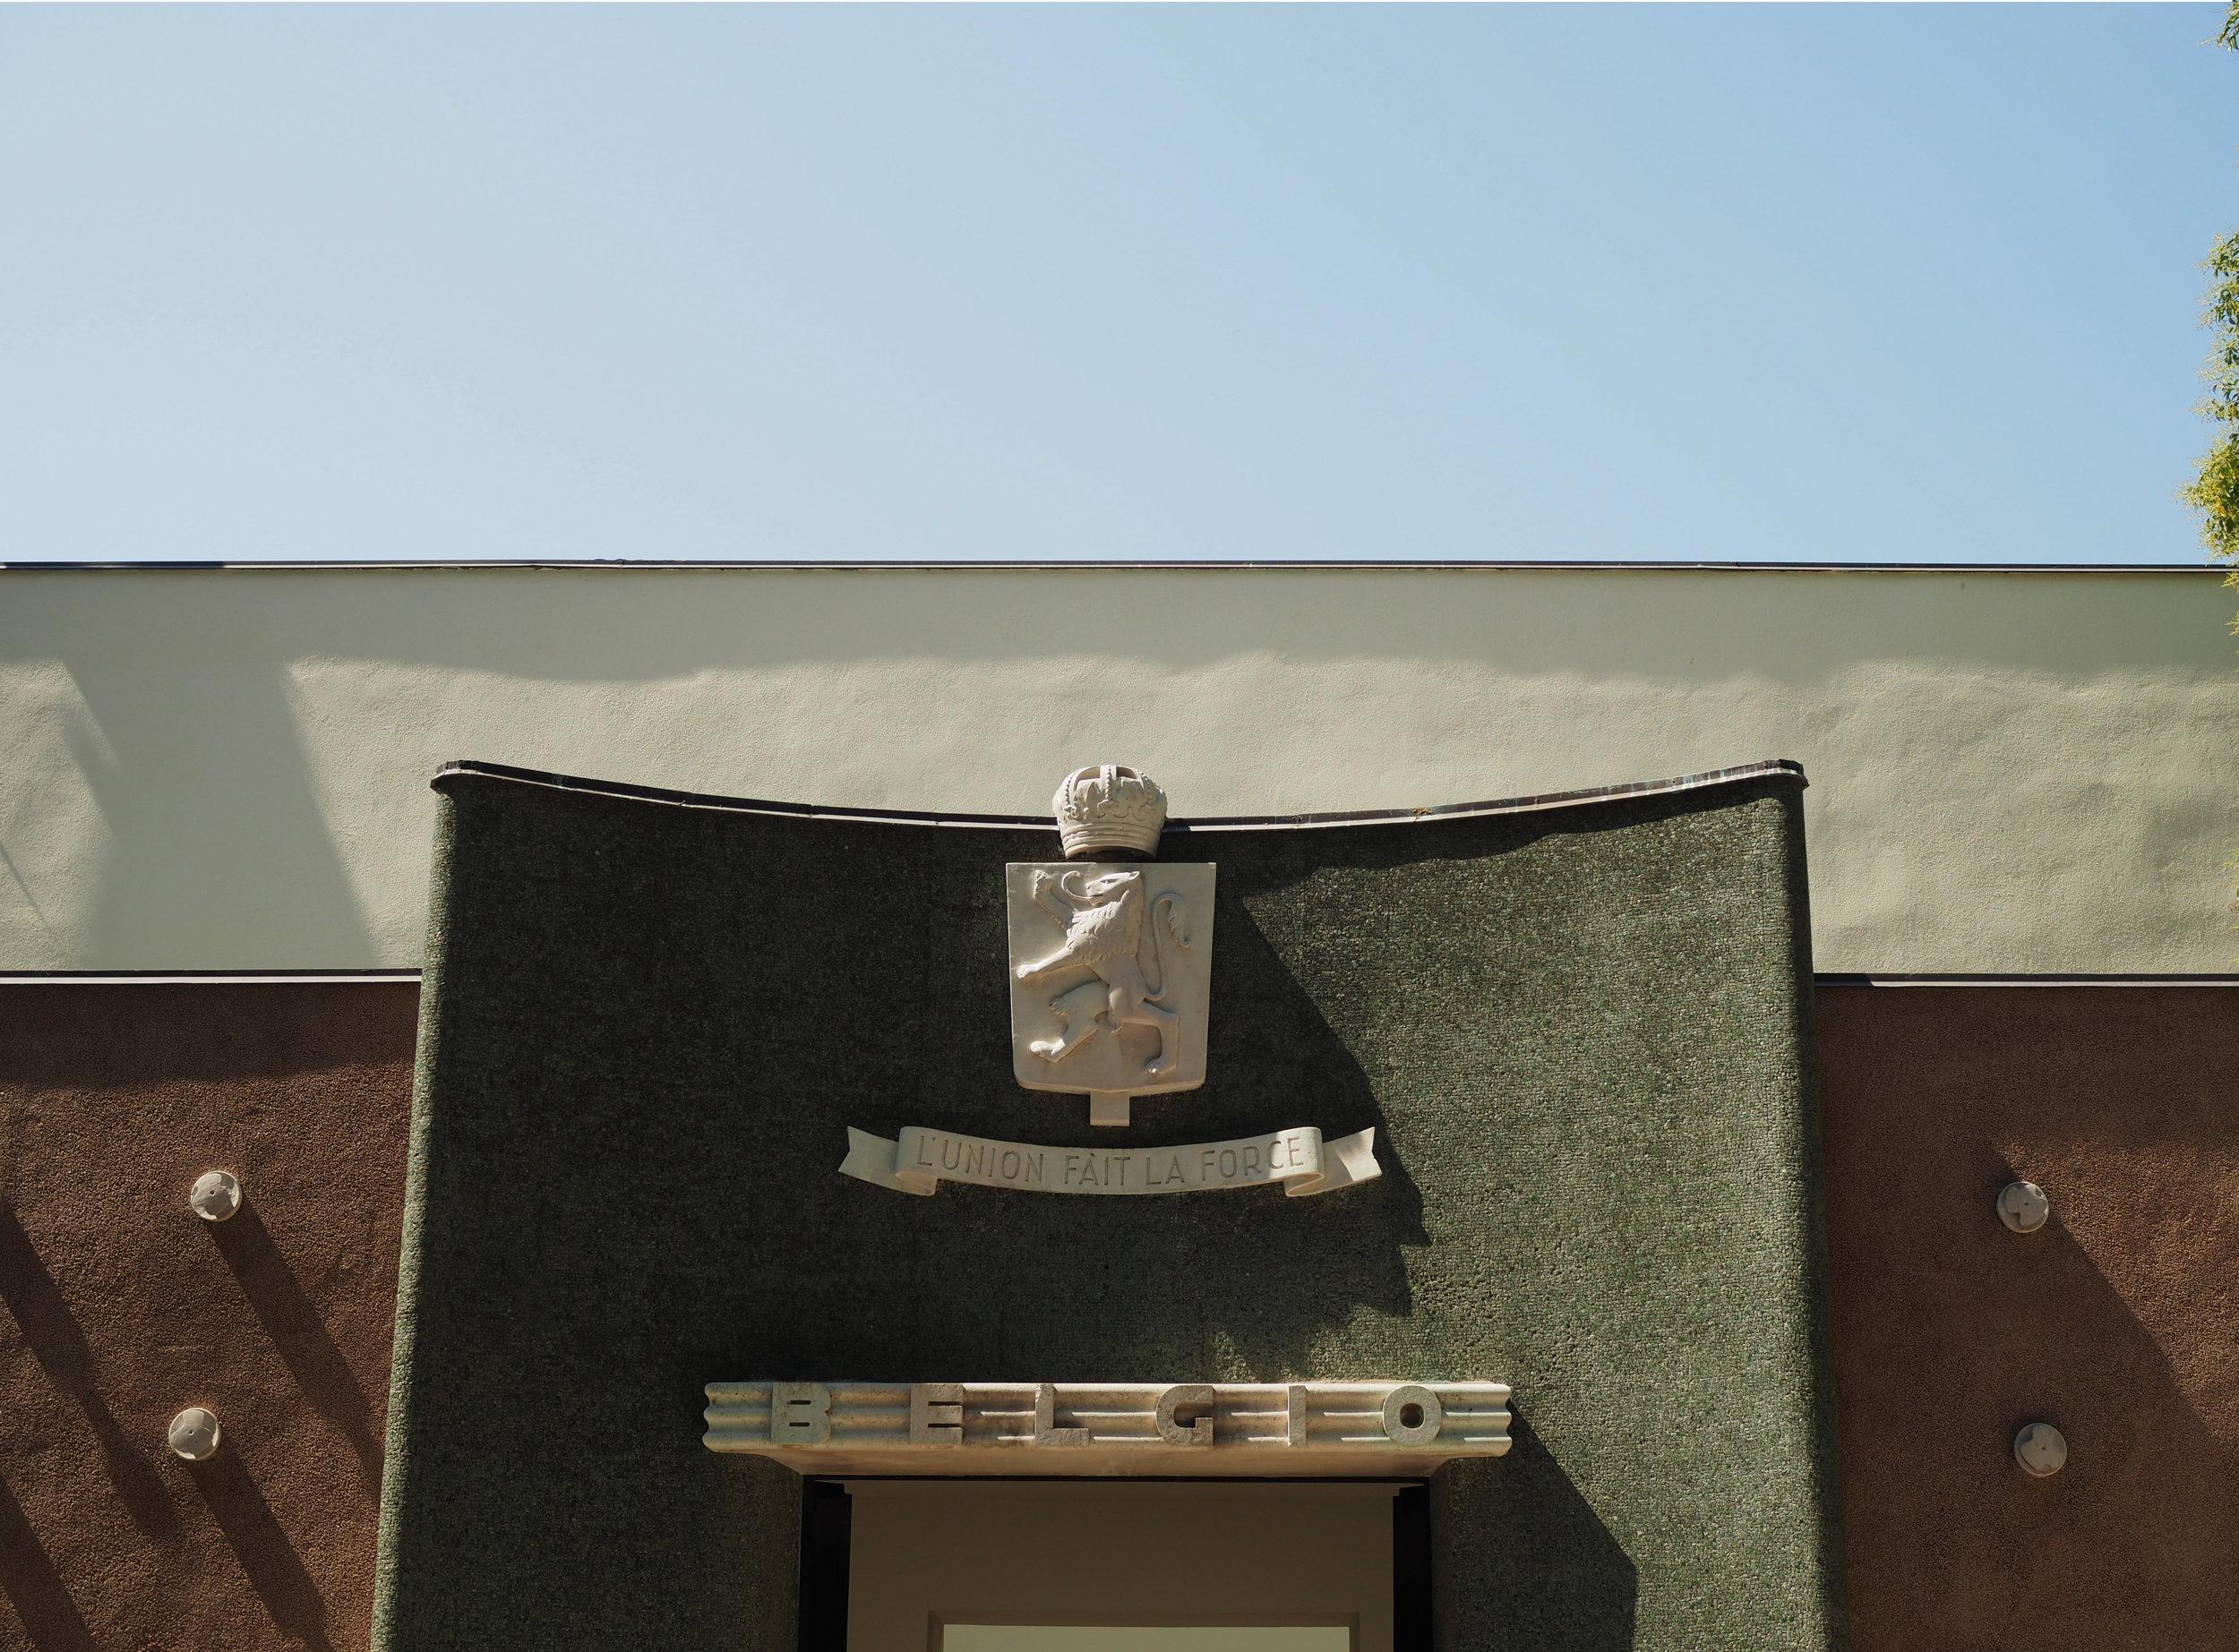 outside Léon Sneyers- inside Dirk Braeckman